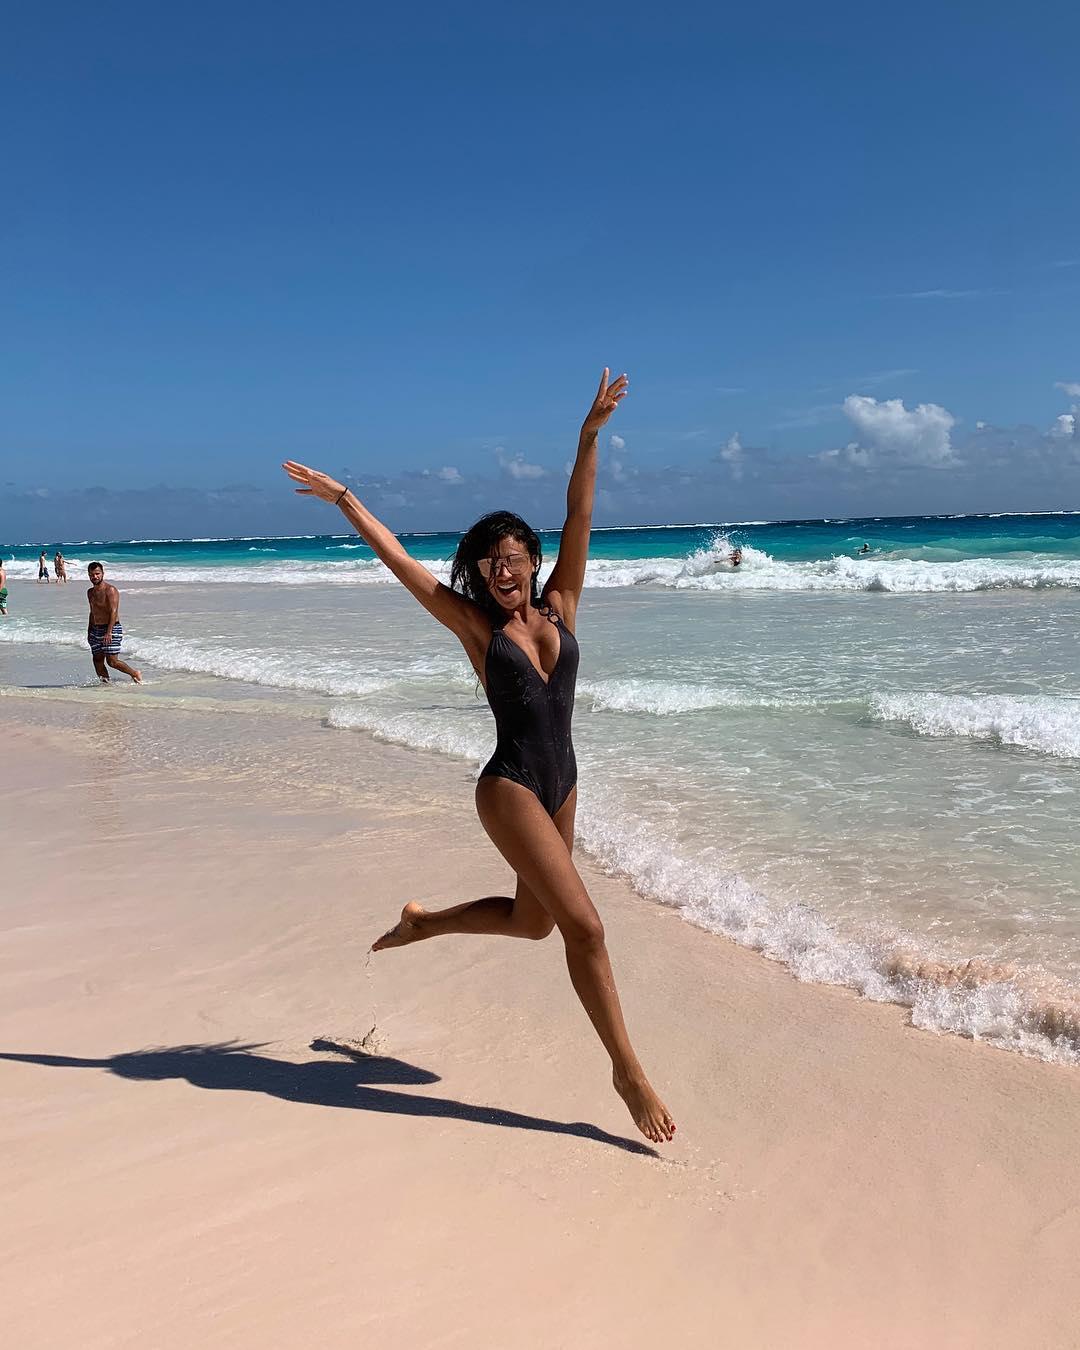 Образец для подражания: лучшие пляжные фото именинницы Санты Димопулос